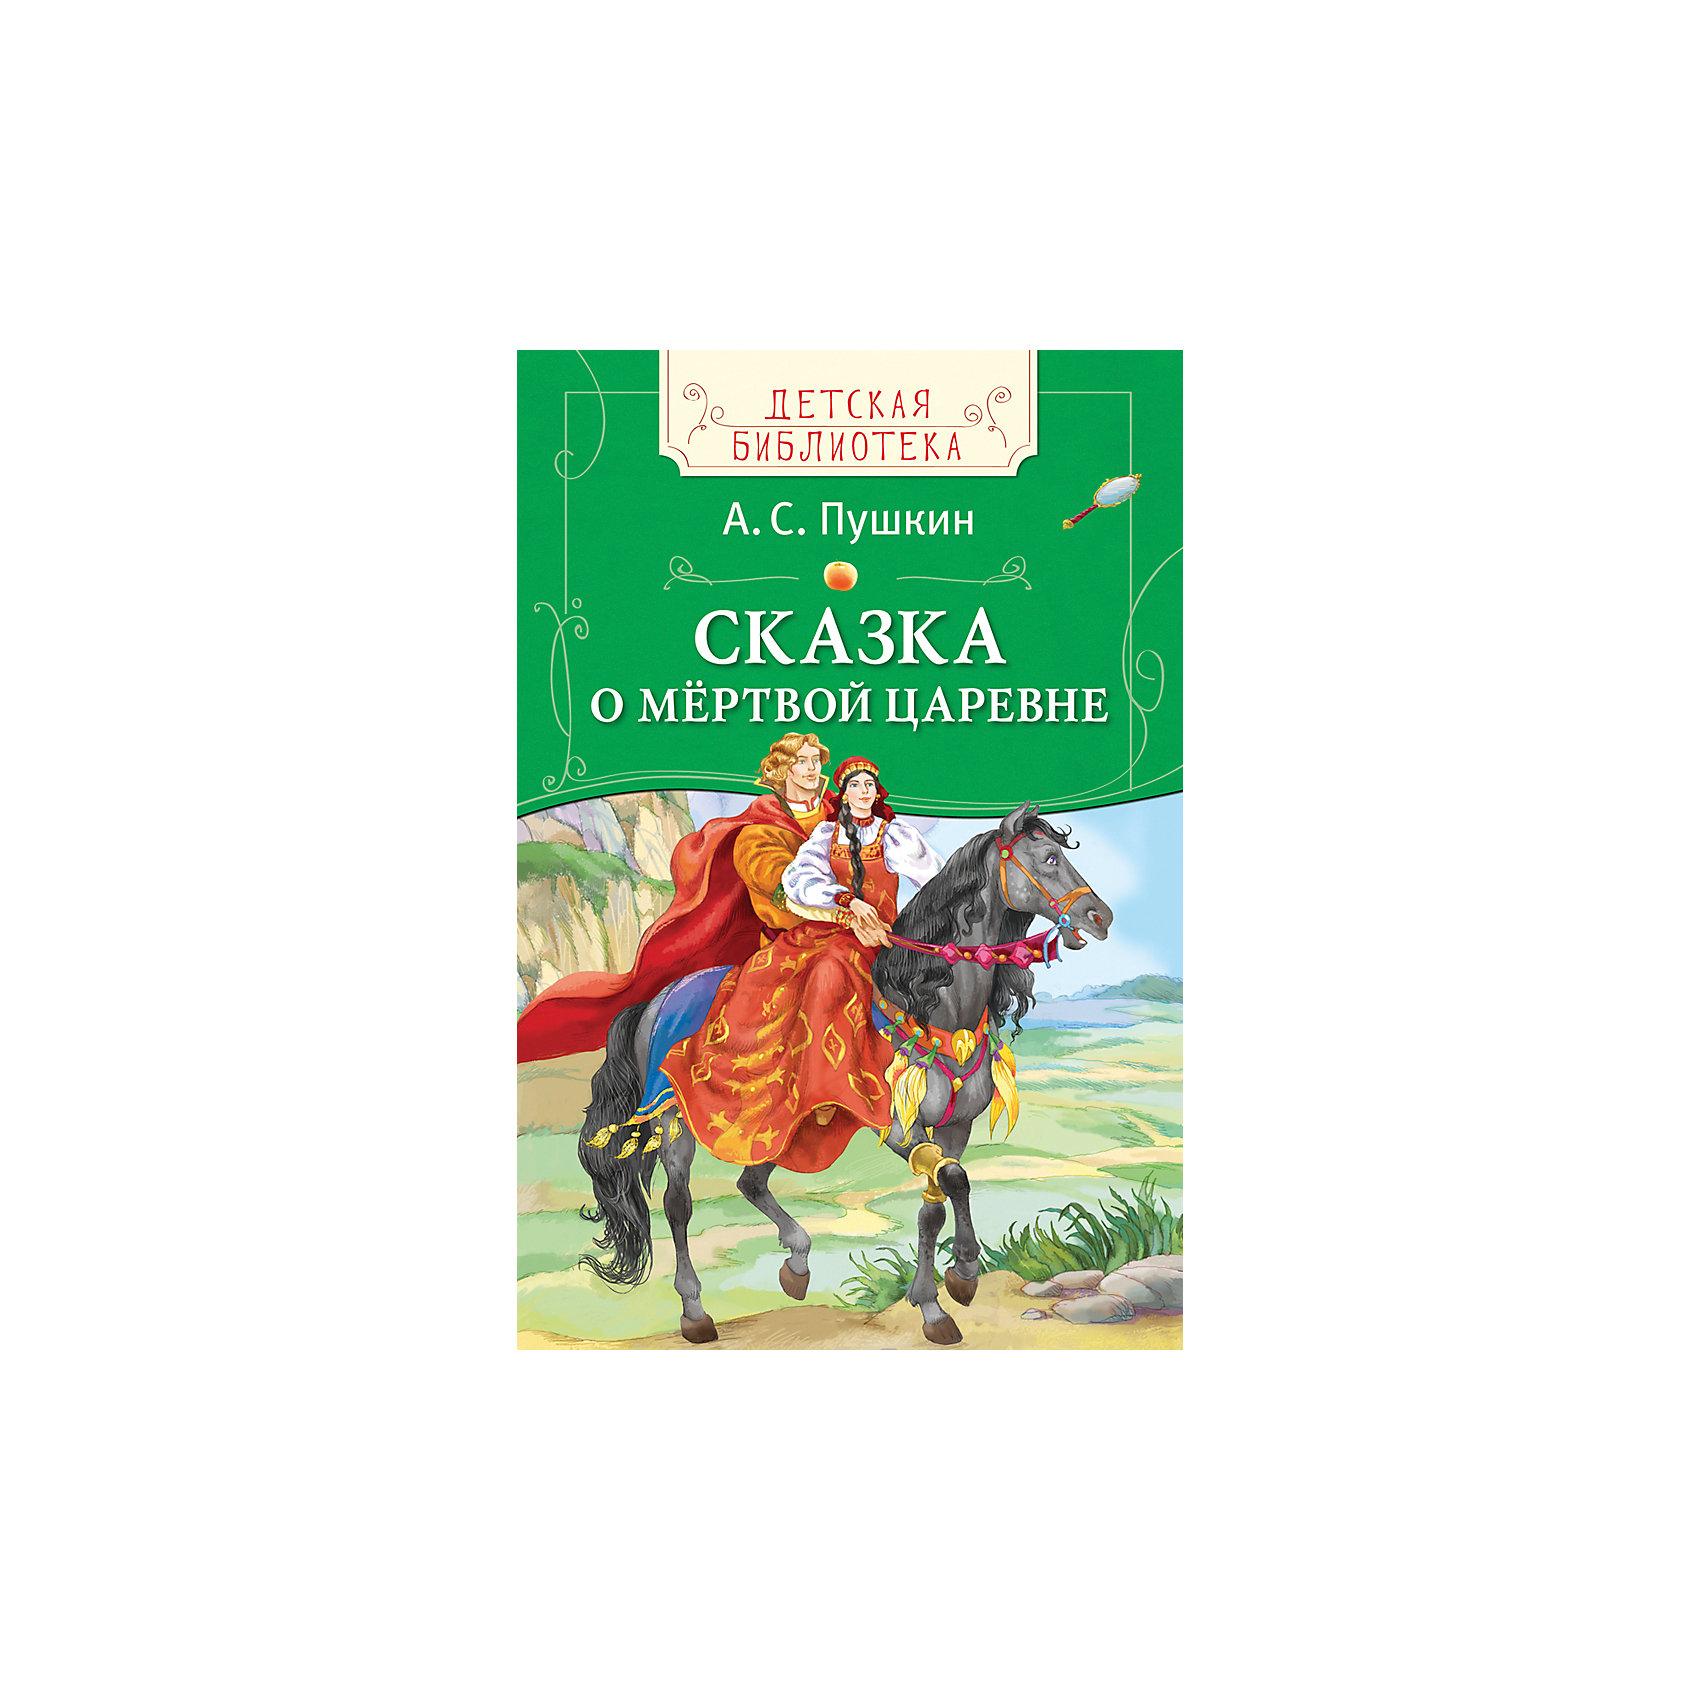 Сказка о мёртвой царевне, А.С. ПушкинХарактеристики товара:<br><br>- цвет: разноцветный;<br>- материал: бумага;<br>- страниц: 48;<br>- обложка: твердая;<br>- иллюстрации.<br><br>Эта интересная книга с иллюстрациями станет отличным подарком для ребенка. Она содержит в себе известную сказку, эту книгу любит не одно поколение! Талантливый иллюстратор дополнил книгу качественными рисунками, которые помогают ребенку проникнуться духом сказки.<br>Чтение - отличный способ активизации мышления, оно помогает ребенку развивать зрительную память, концентрацию внимания и воображение. Издание произведено из качественных материалов, которые безопасны даже для самых маленьких.<br><br>Издание Сказка о мёртвой царевне, А.С. Пушкин от компании Росмэн можно купить в нашем интернет-магазине.<br><br>Ширина мм: 222<br>Глубина мм: 145<br>Высота мм: 6<br>Вес г: 145<br>Возраст от месяцев: 36<br>Возраст до месяцев: 72<br>Пол: Унисекс<br>Возраст: Детский<br>SKU: 5109898